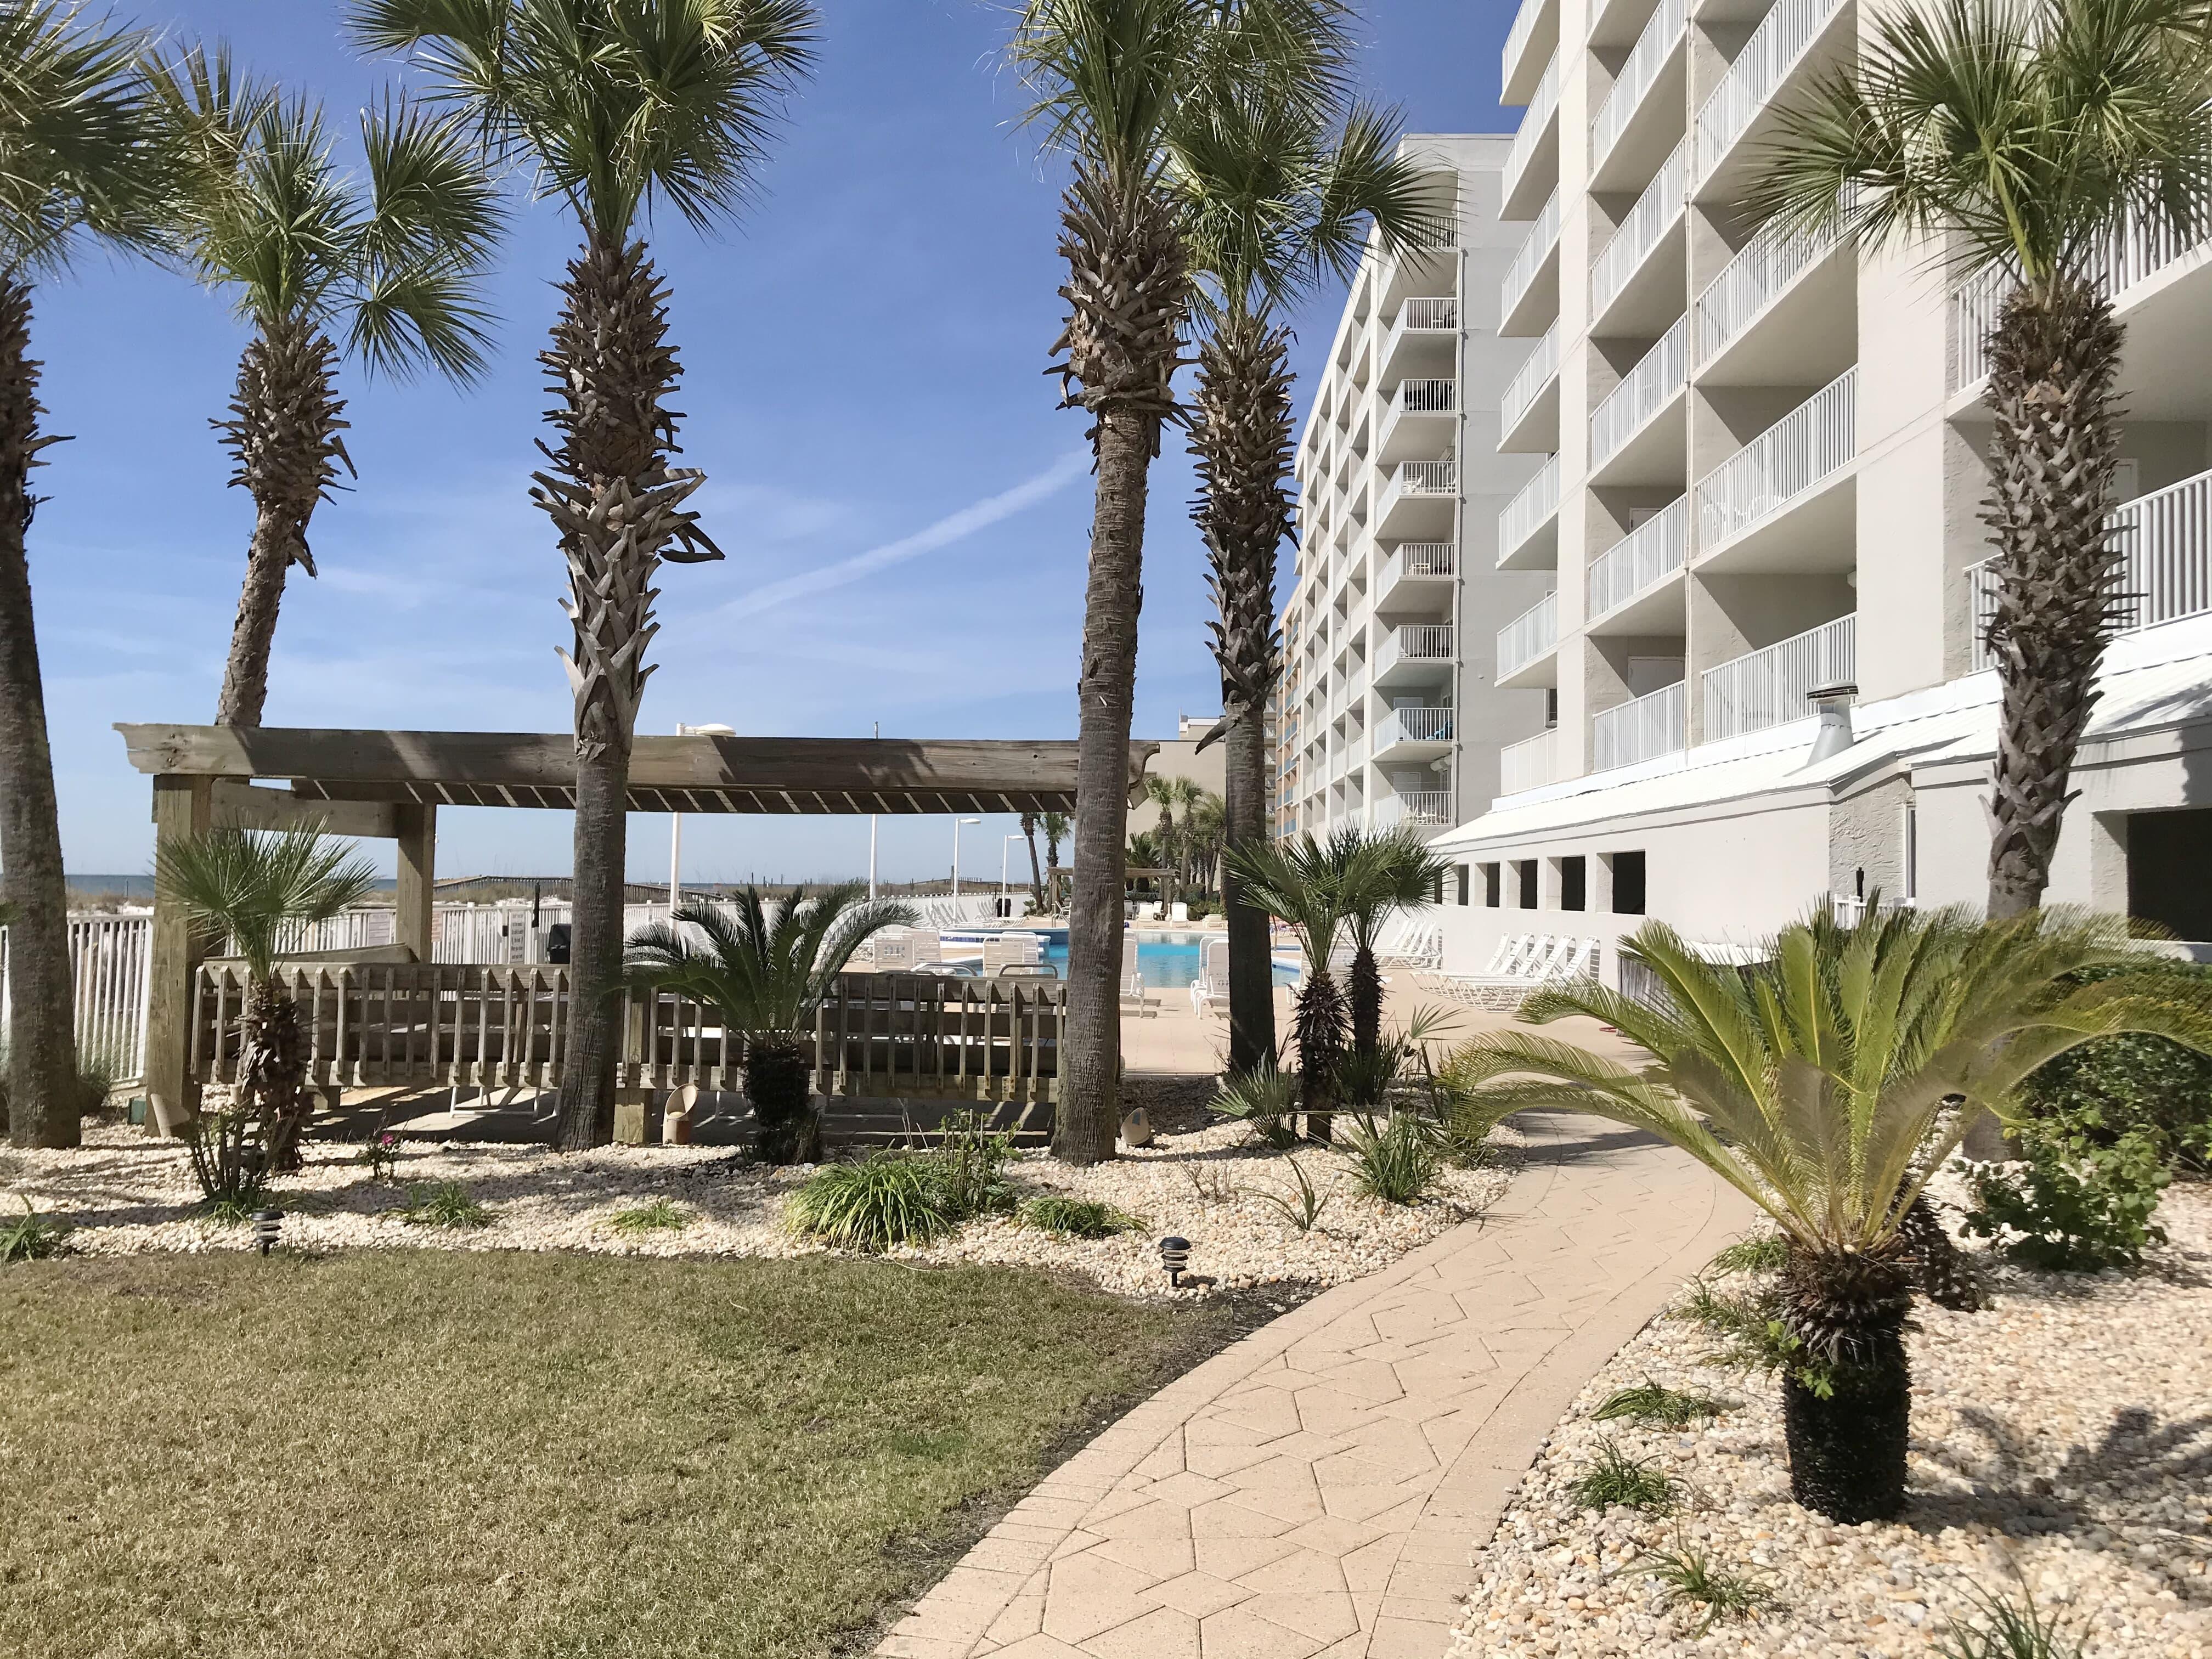 Ocean House 2706 Condo rental in Ocean House - Gulf Shores in Gulf Shores Alabama - #51